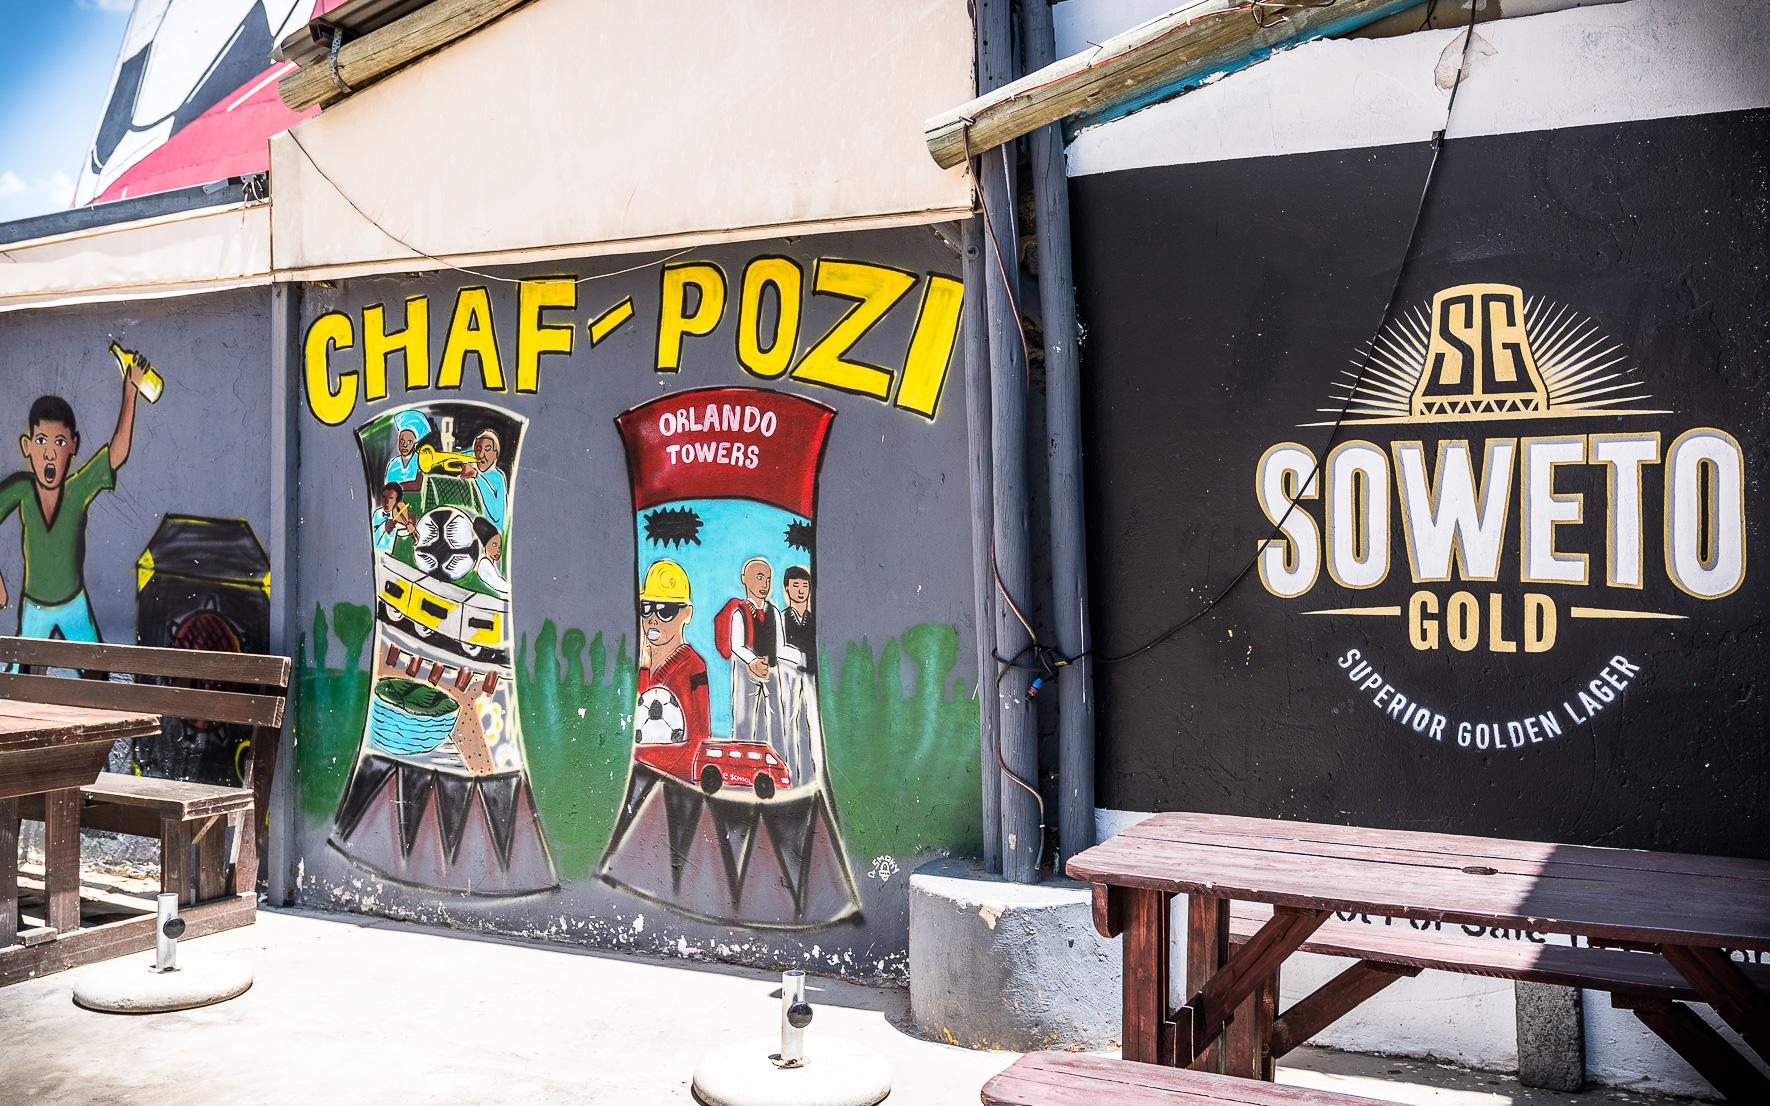 chaf-pozi-soweto